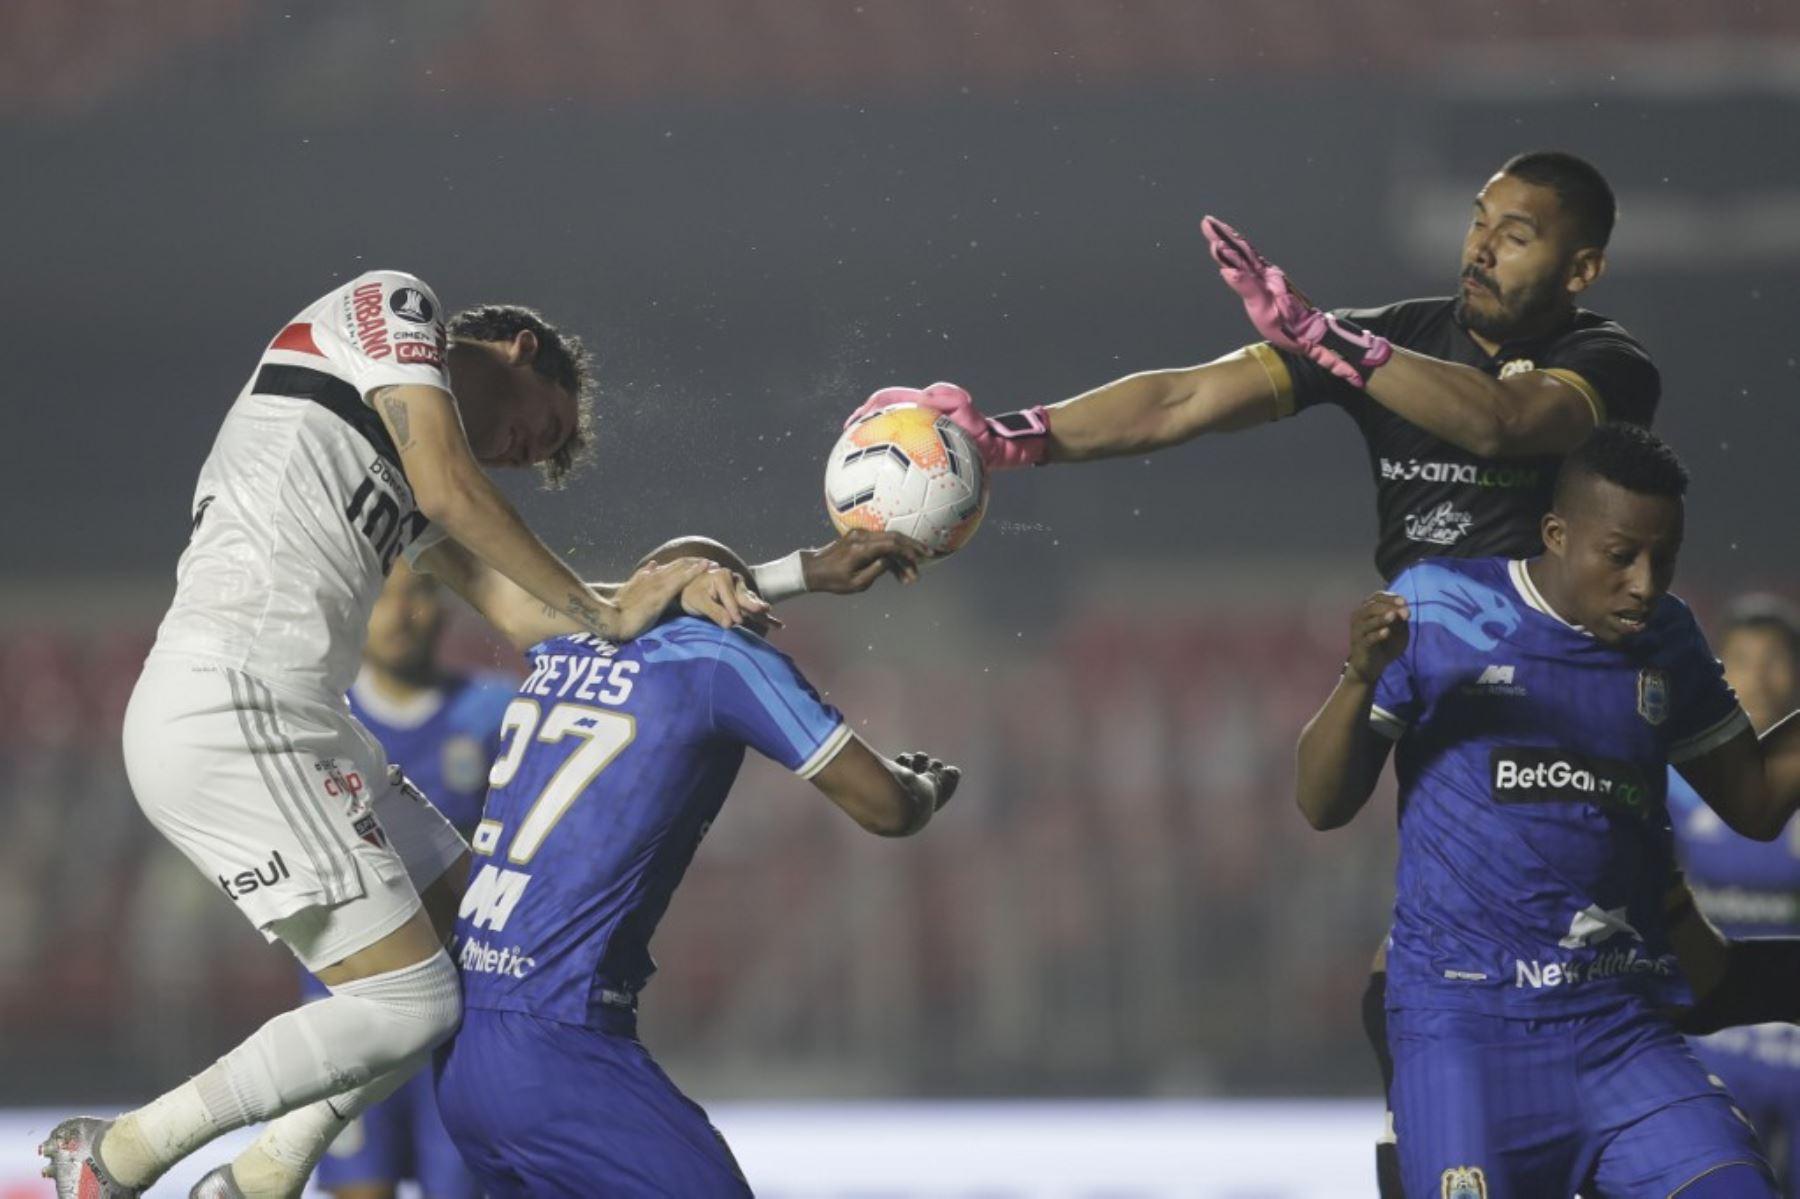 El defensa Binacional de Perú Jeickson Reyes (C) y el delantero brasileño de Sao Paulo Pablo compiten por el balón durante su partido de fútbol a puerta cerrada en la fase de grupos de la Copa Libertadores en el estadio Morumbi en Sao Paulo, Brasil. Foto: AFP